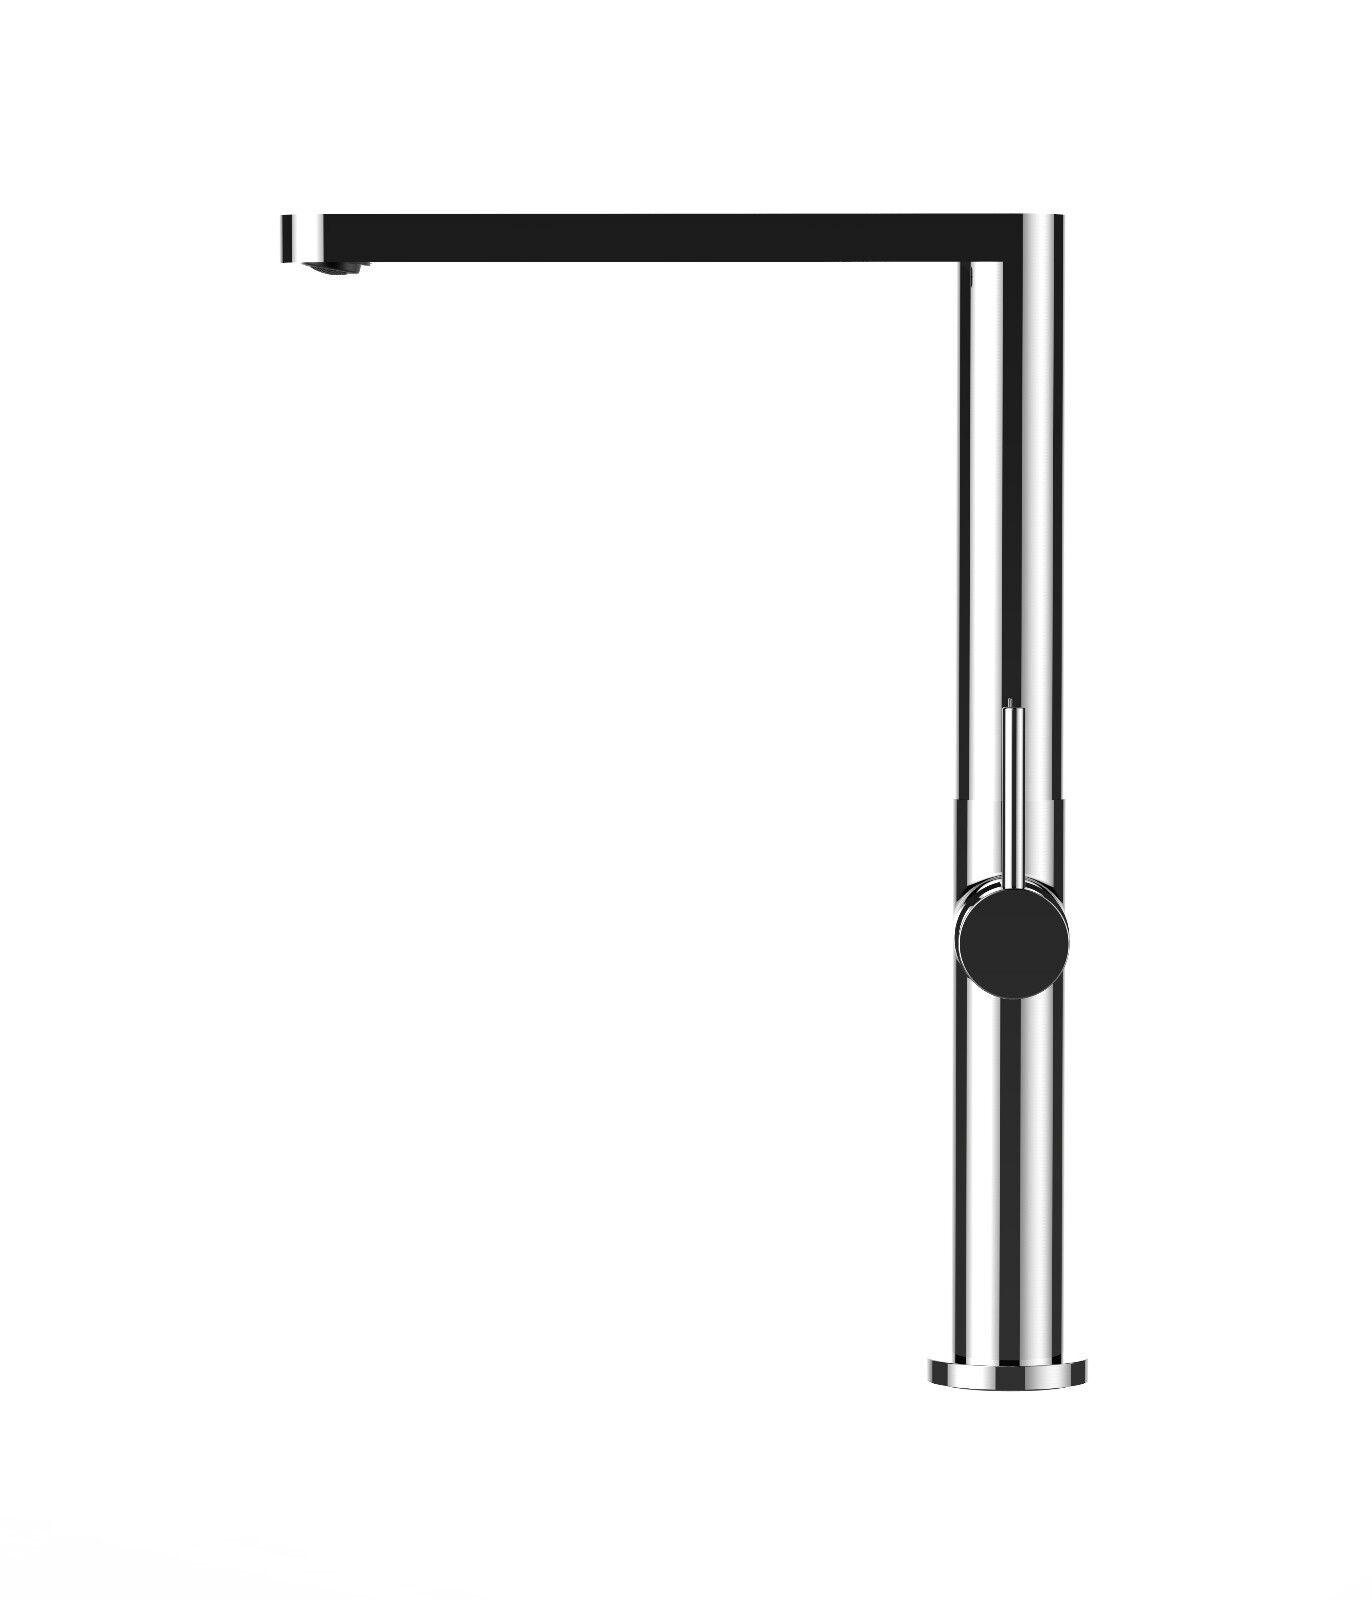 Lavello miscelatore rubinetto fontana monocomando cucina qualità design VIZIO